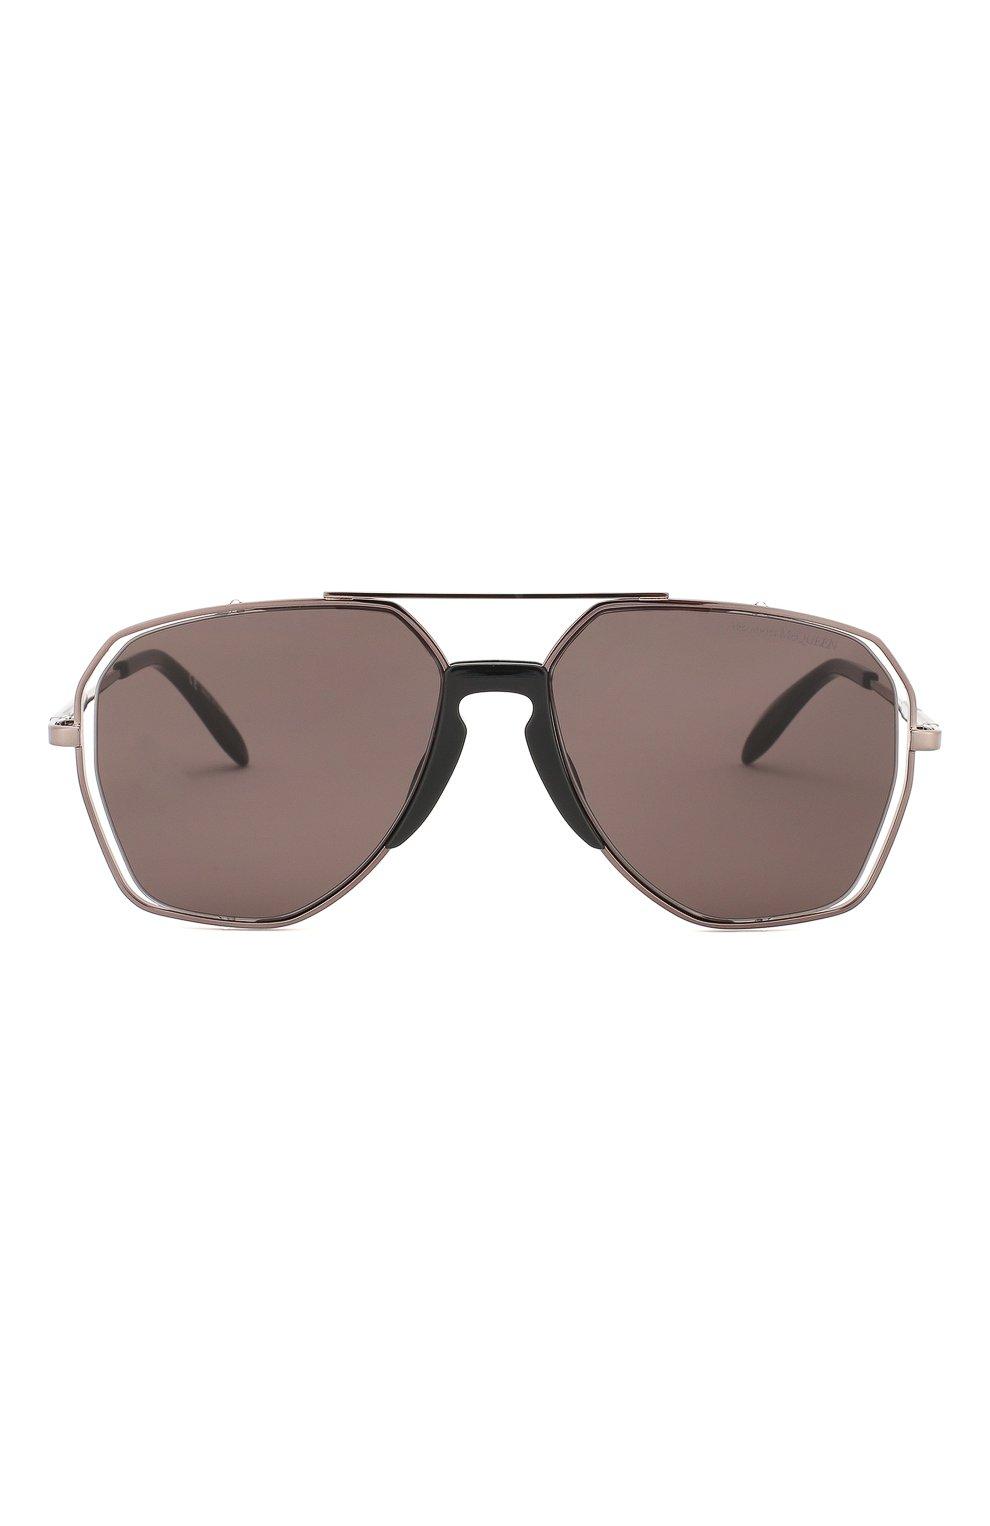 Мужские солнцезащитные очки ALEXANDER MCQUEEN серого цвета, арт. AM0197 004 | Фото 2